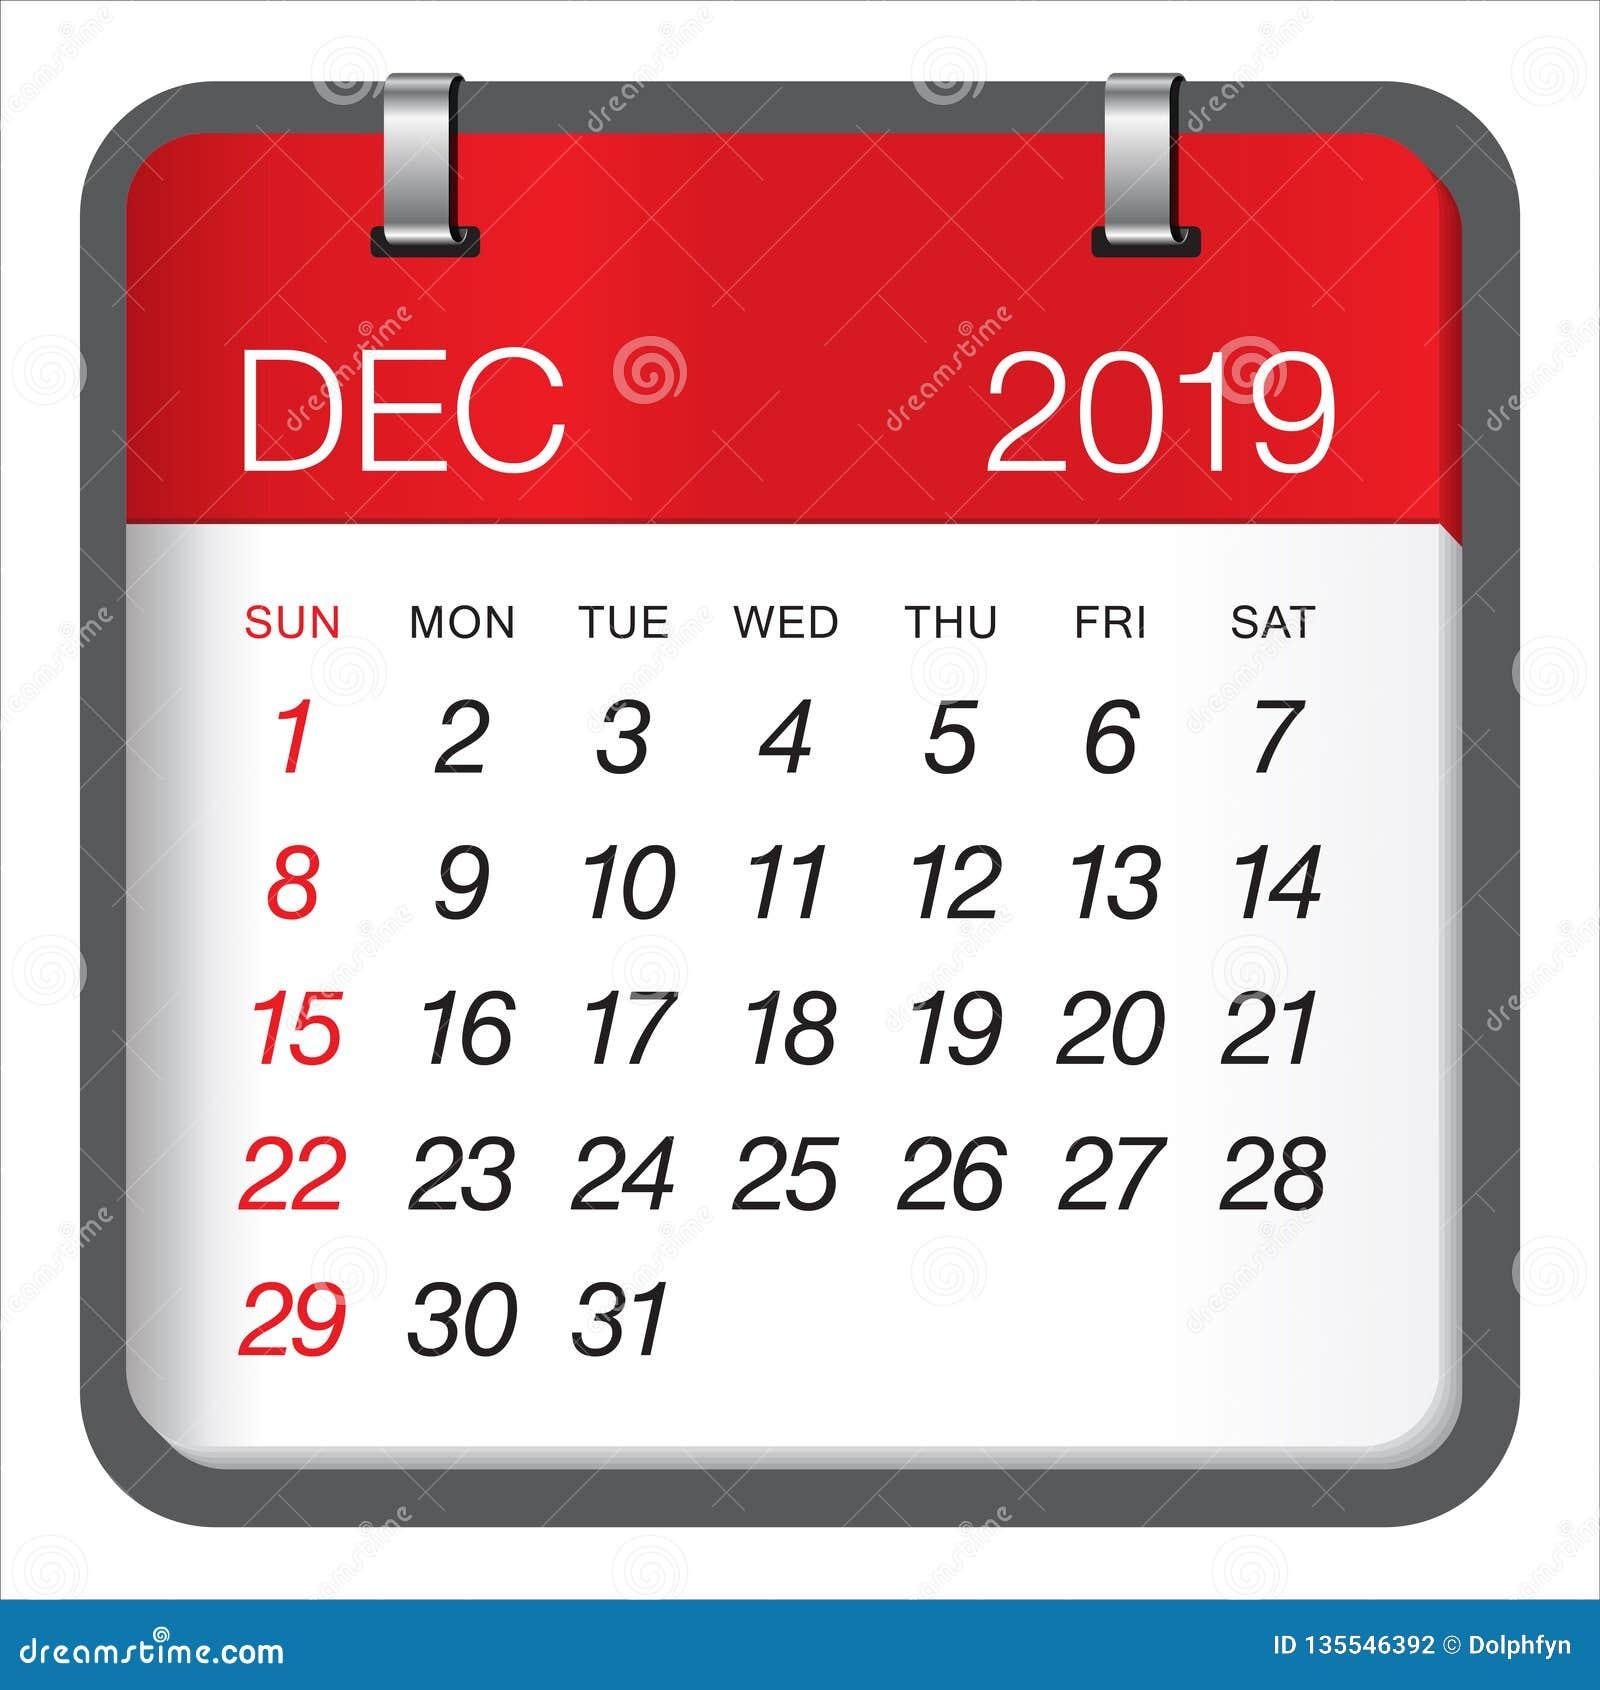 Calendario Mese Dicembre 2019.Dicembre 2019 Illustrazione Mensile Di Vettore Del